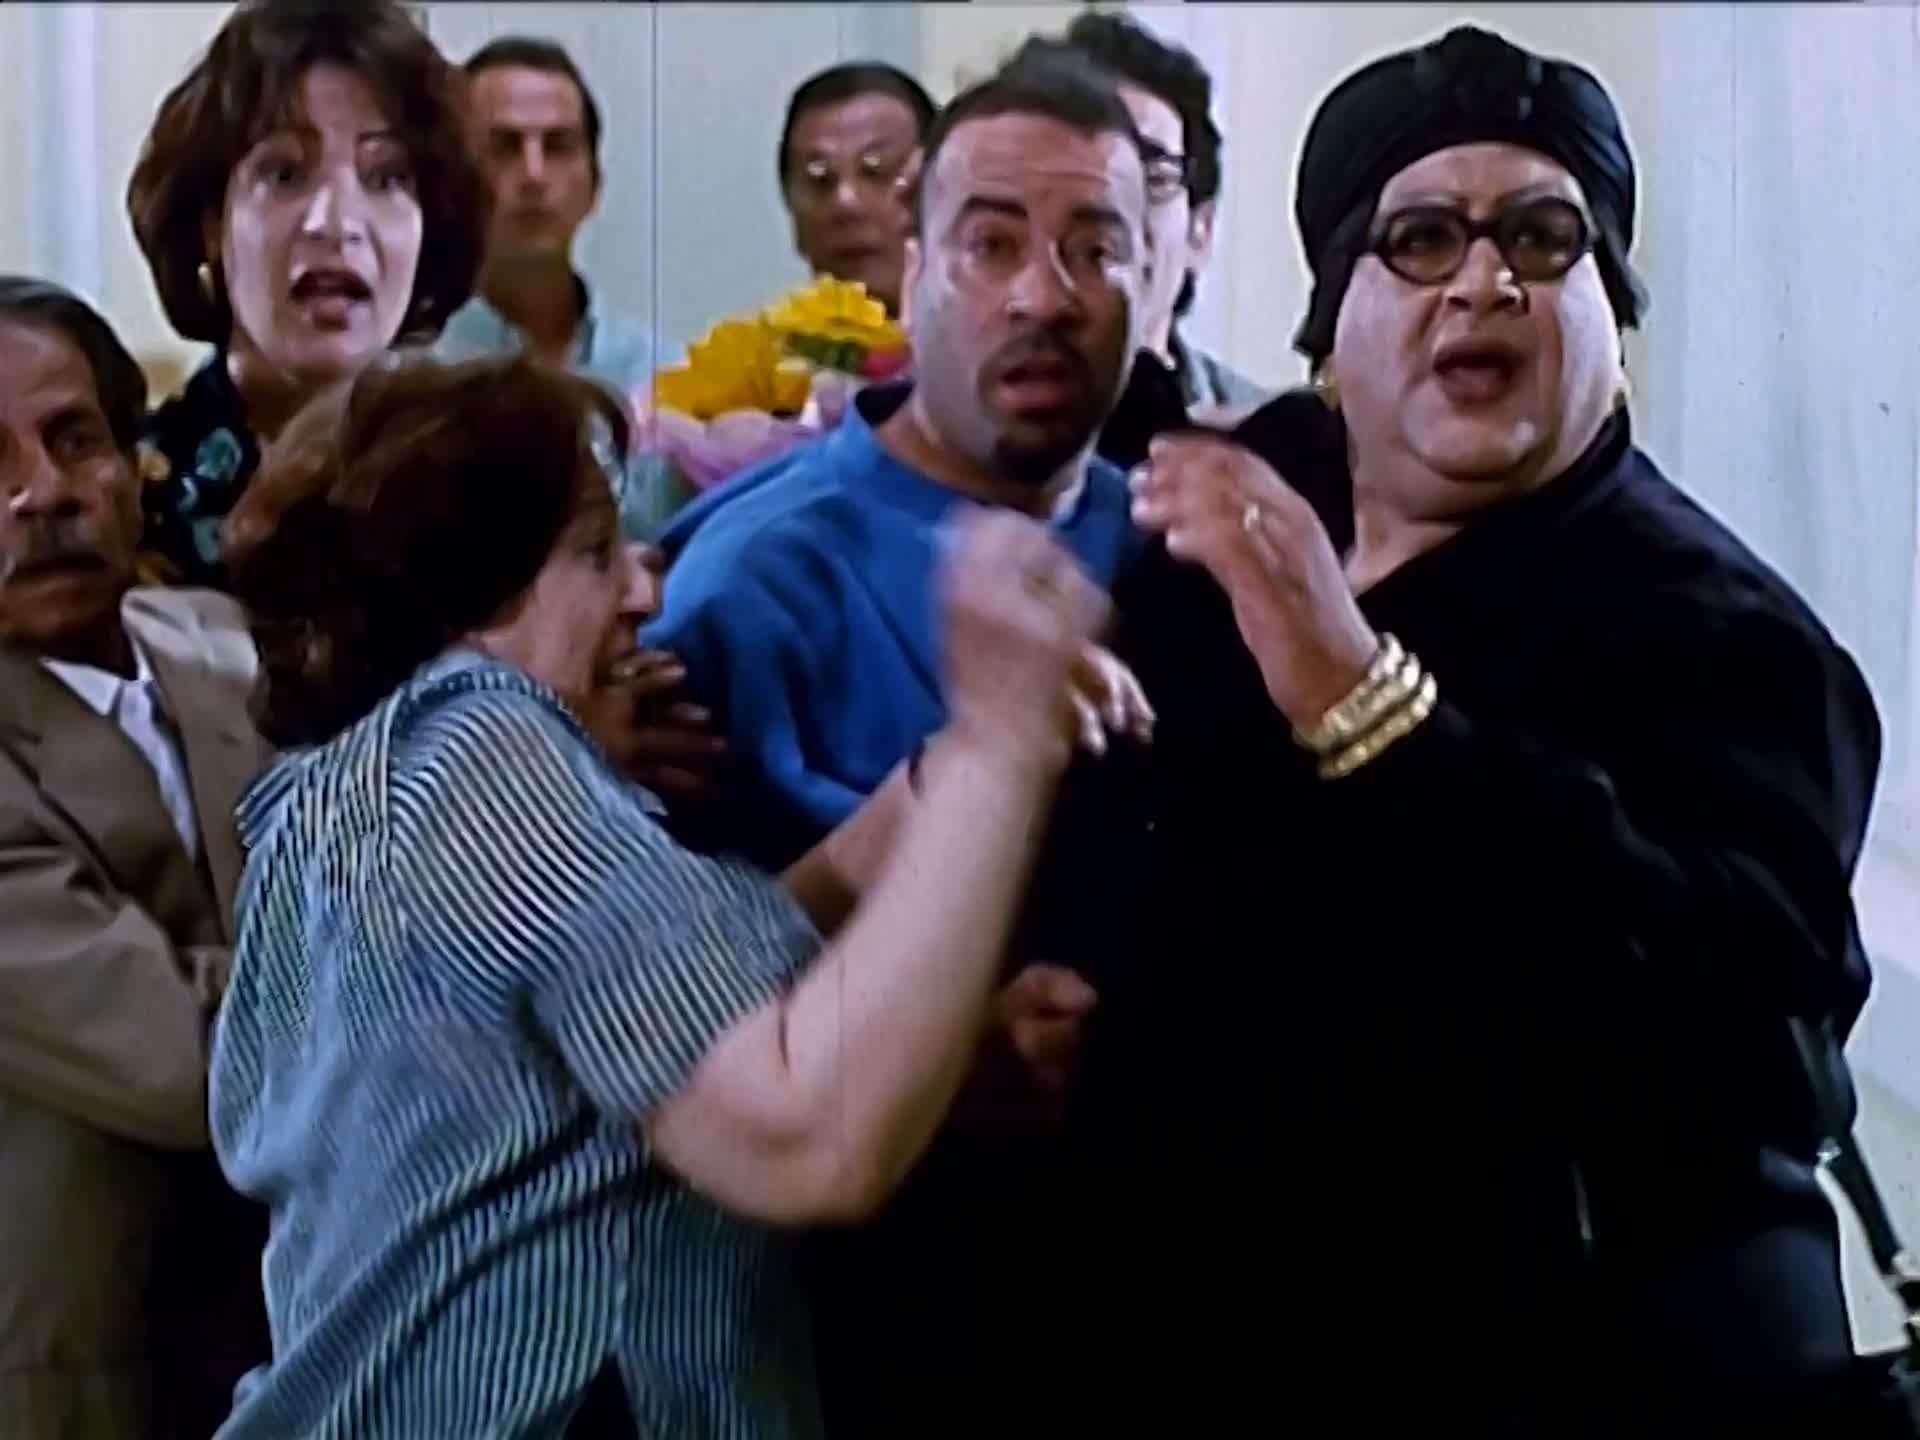 [فيلم][تورنت][تحميل][الناظر][2000][1080p][Web-DL] 19 arabp2p.com